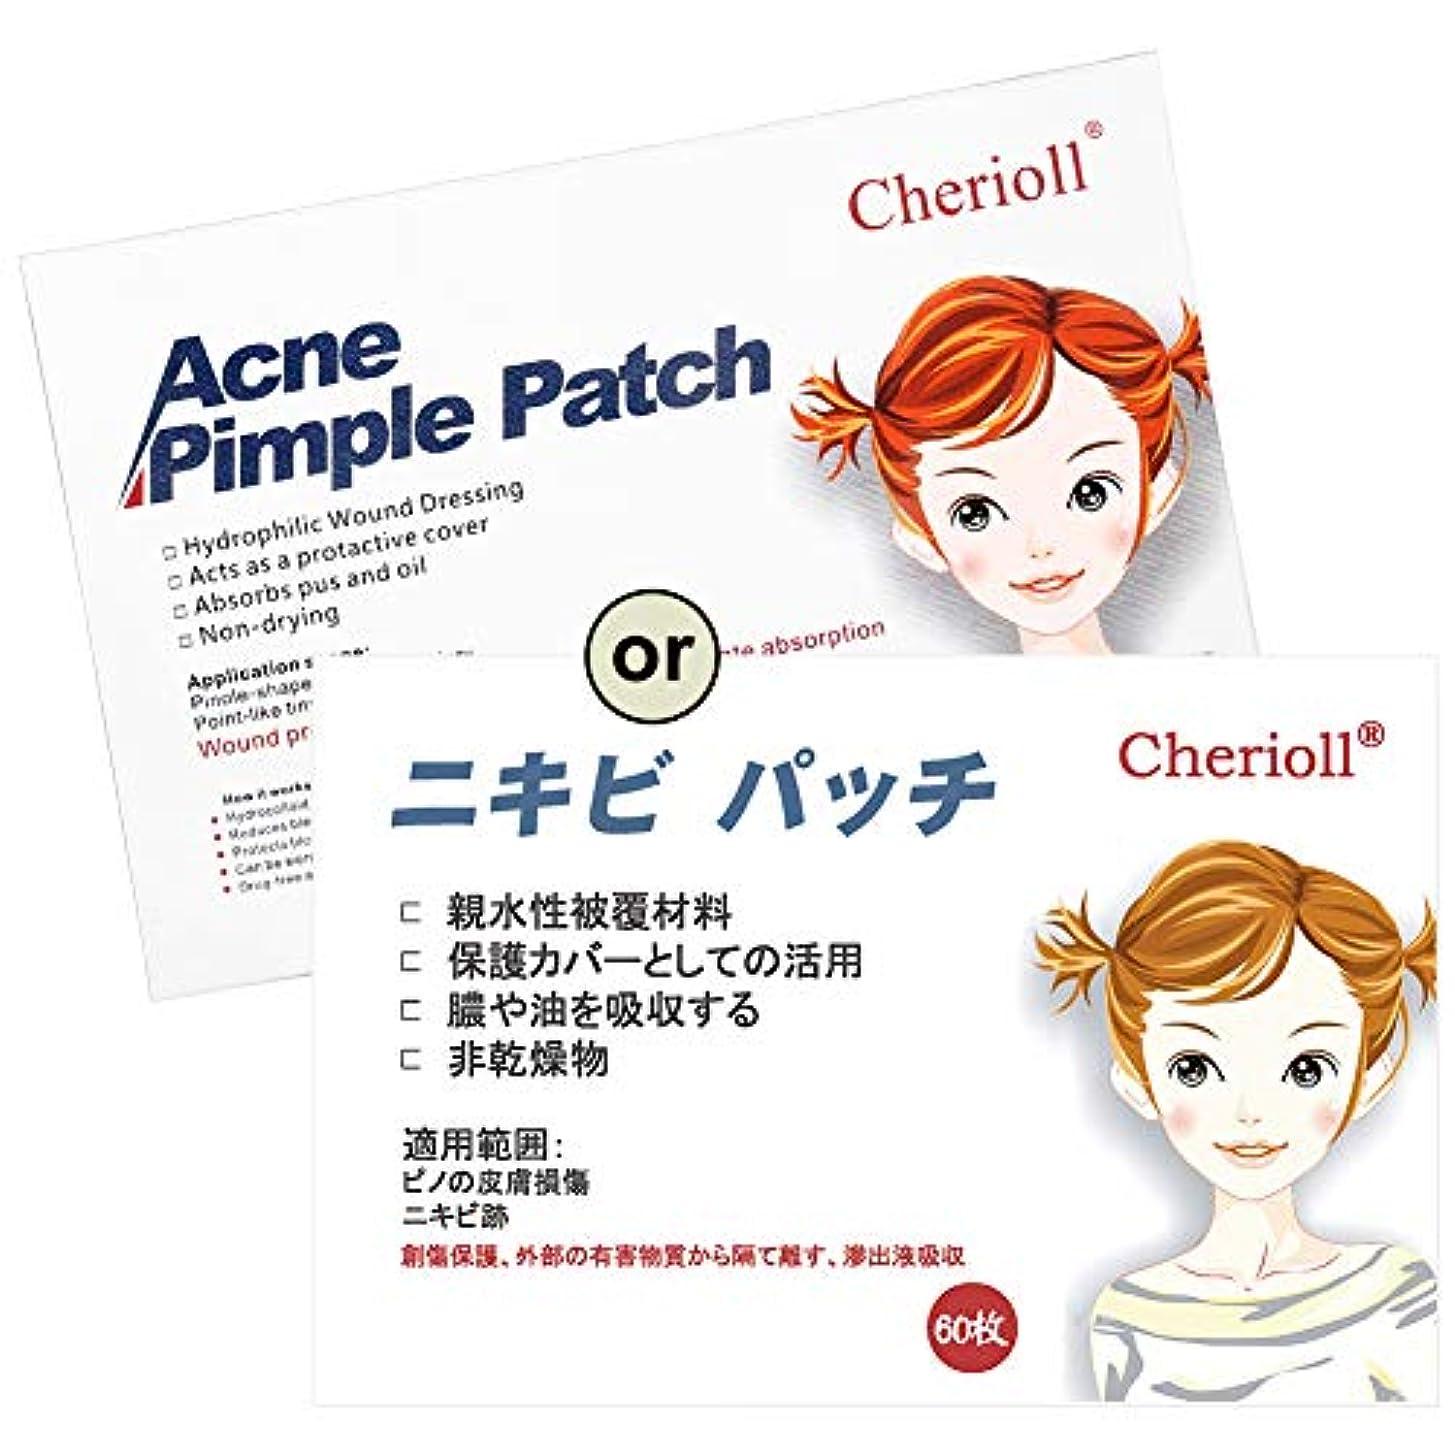 管理者引く汚れたソルーション クリア スポット パッチ Acne Pimple Patch 集中ケアシート